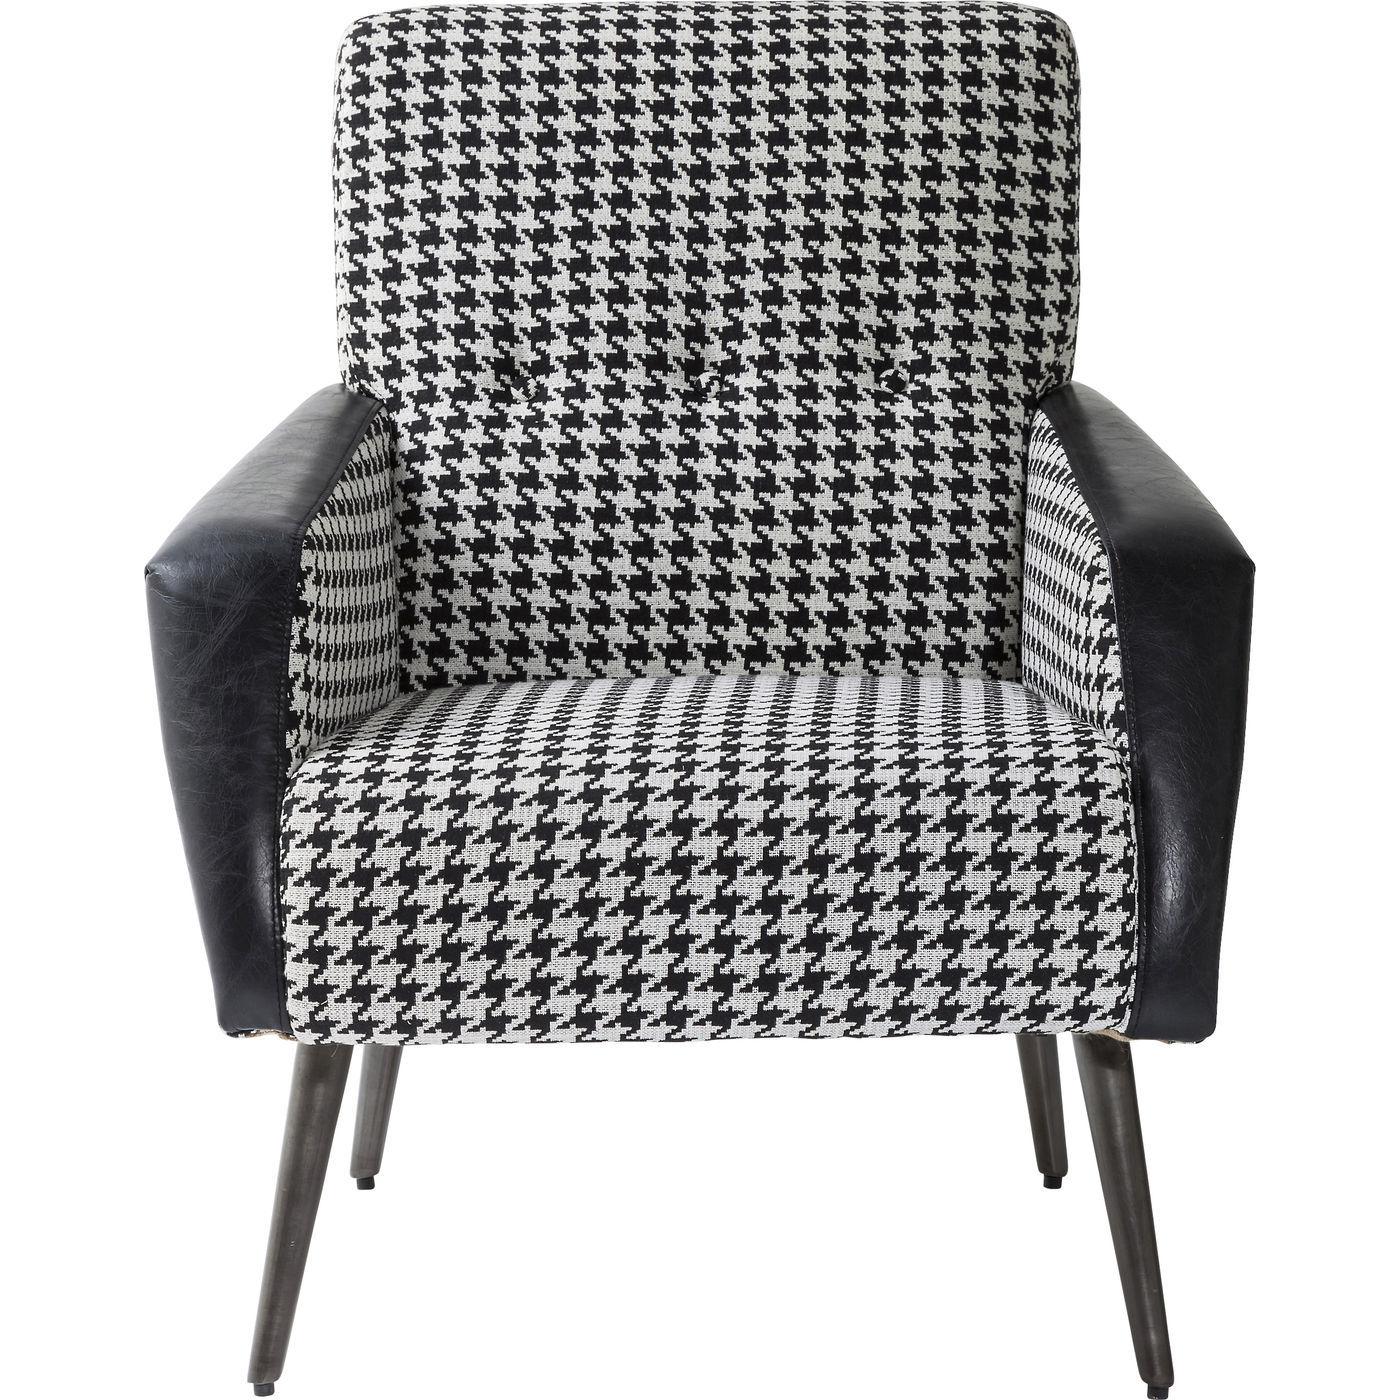 tilbud p sort hvid hvilestol i houndshooth m nster. Black Bedroom Furniture Sets. Home Design Ideas